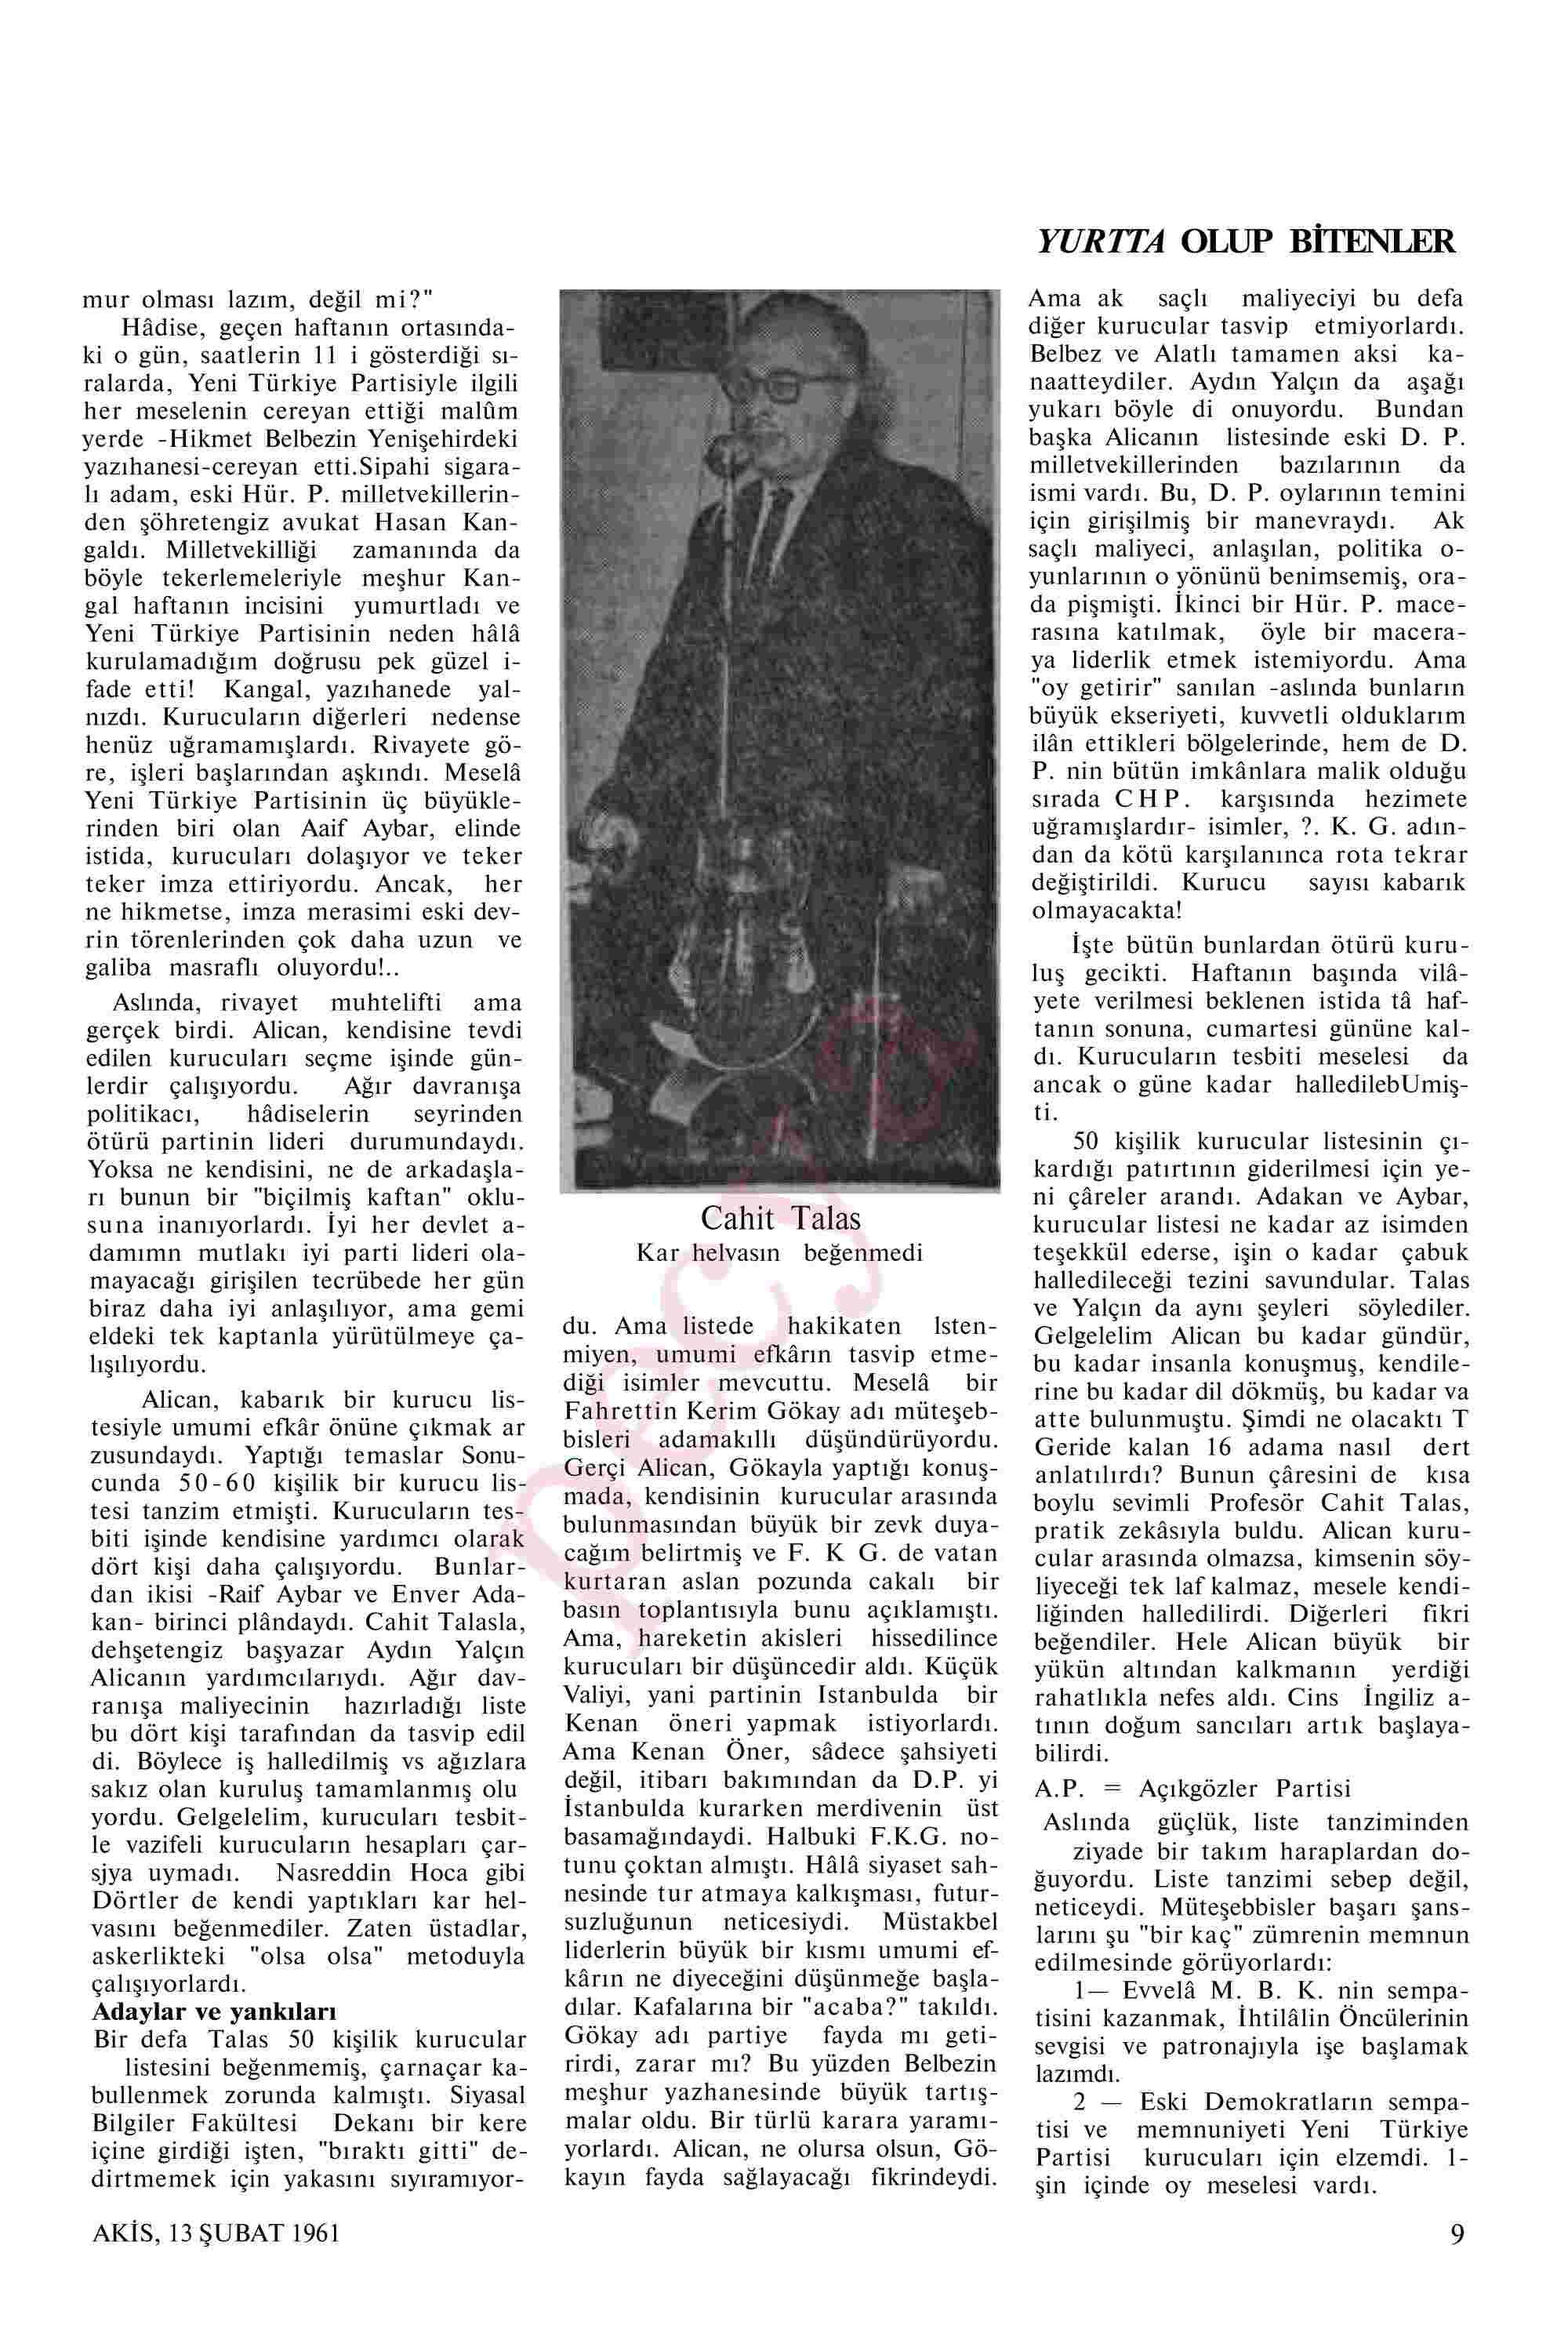 13 Şubat 1961 Tarihli Akis Dergisi Sayfa 9